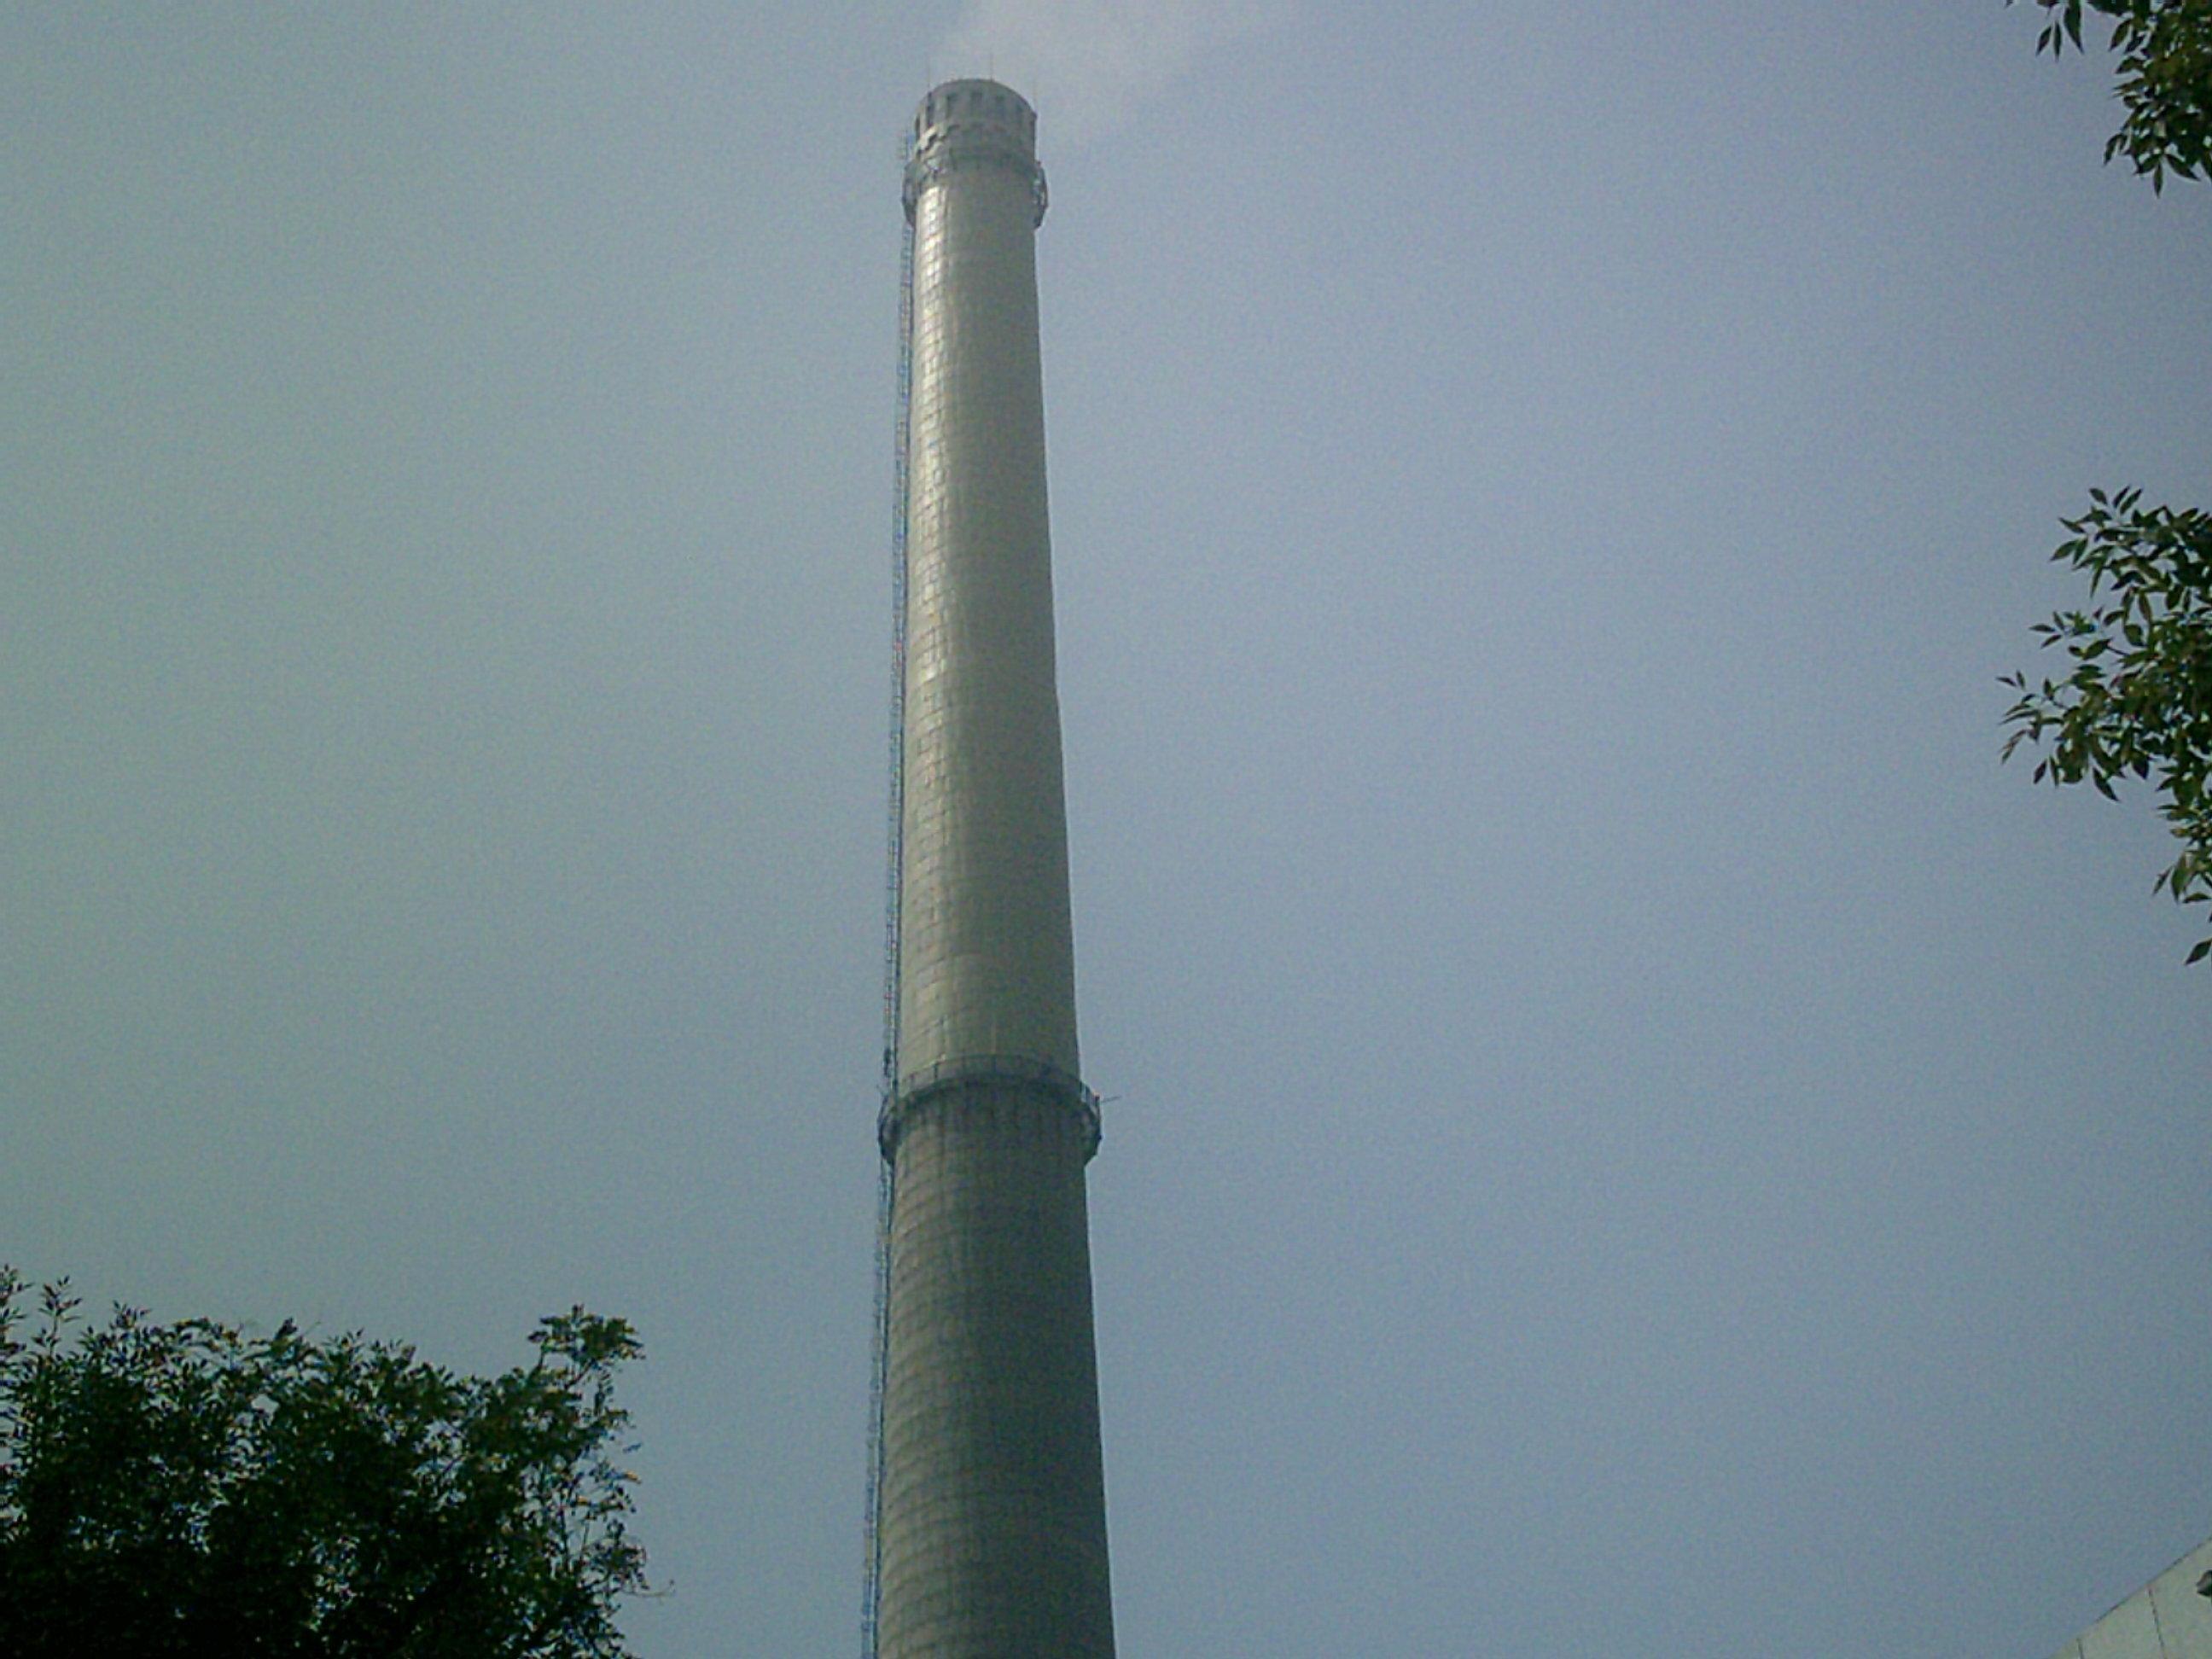 苏北信息港_大庆烟囱制作避雷针、安装避雷针公司_CO土木在线